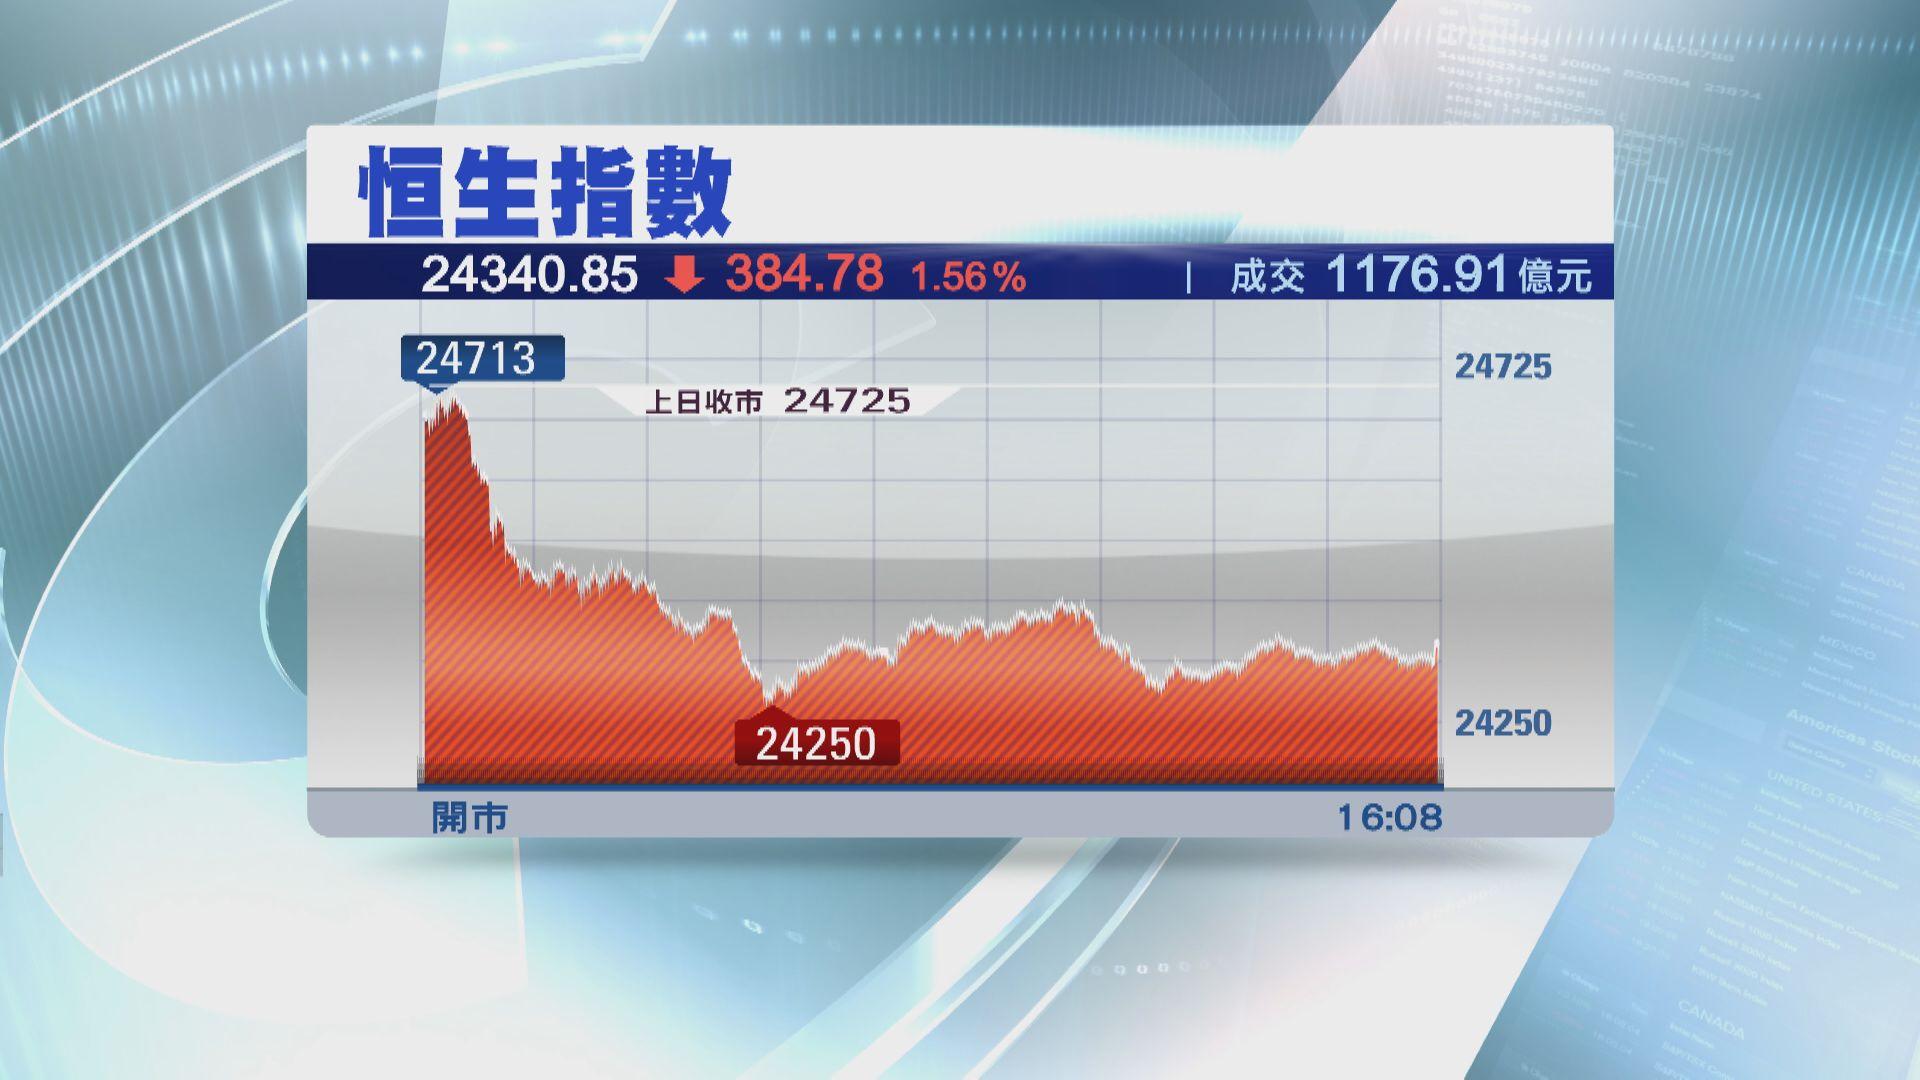 恒指收跌384點 小米跌6%為最弱藍籌